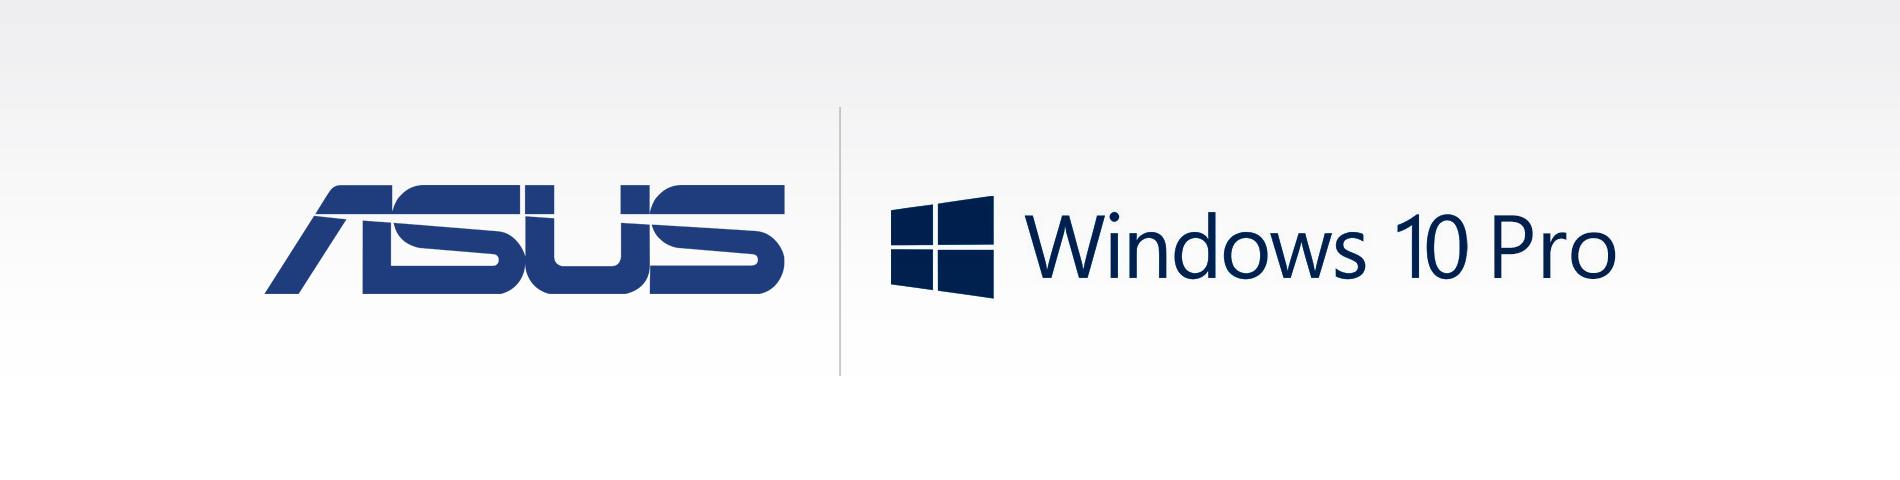 ASUS & Windows 10 Pro